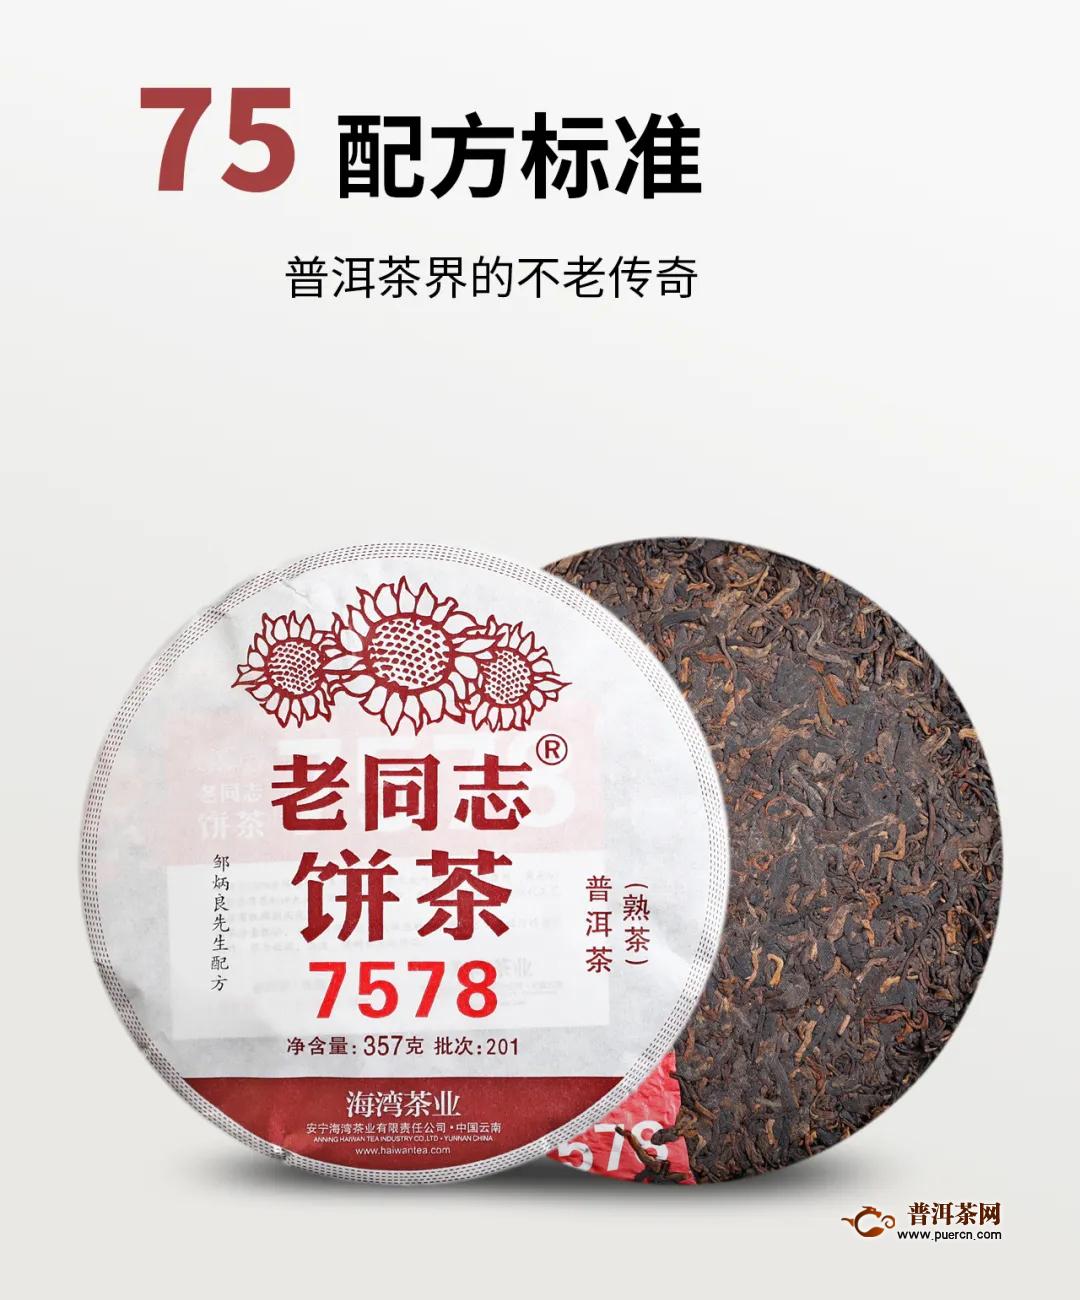 茶叶供求信息:2020年八角亭 凤舞九天、2018年中茶 金鸡沱等2020年6月3日